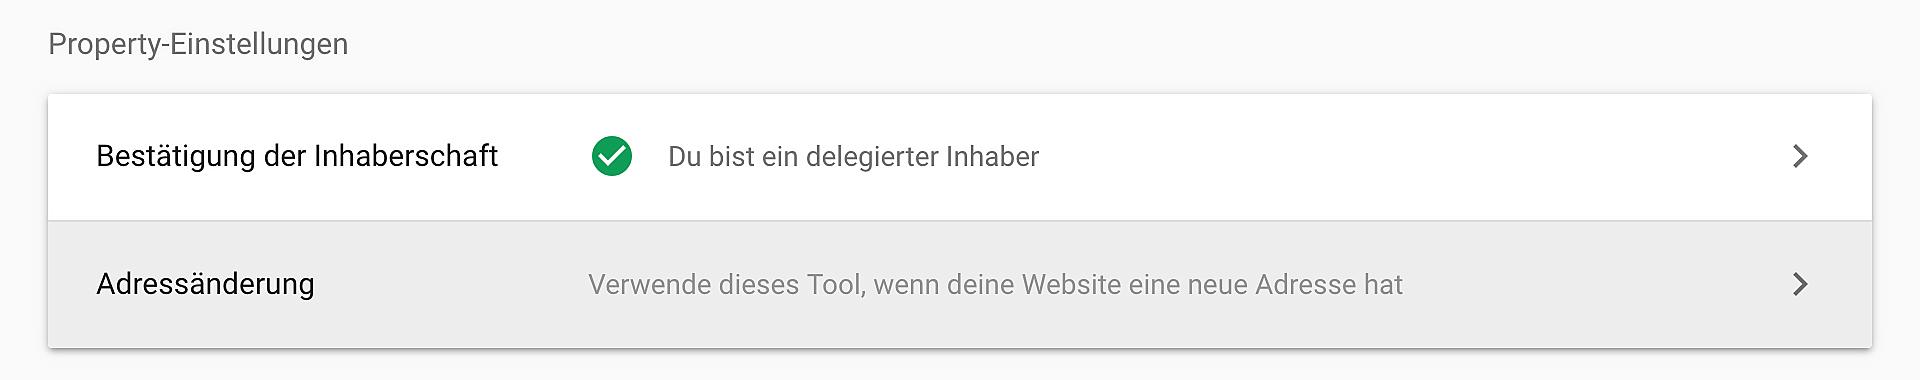 Adressänderung einer Domain in der Google Search Console hinterlegen.